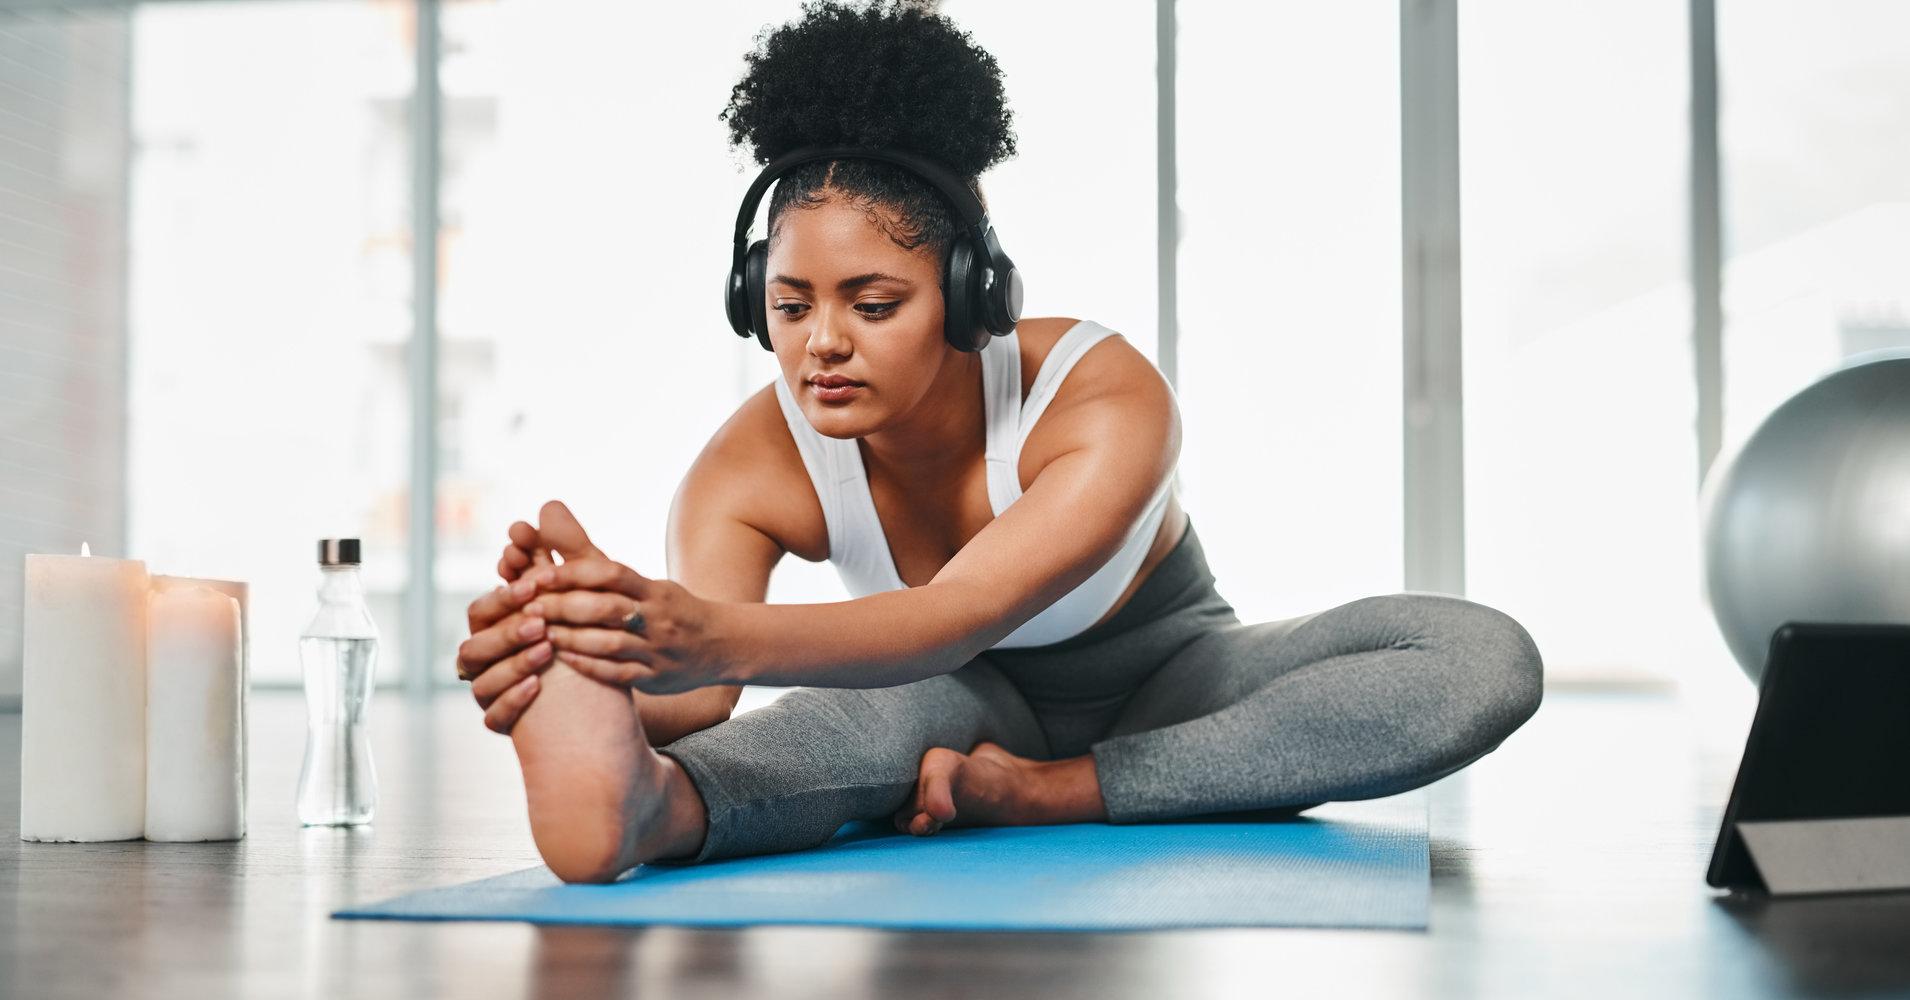 Αθλητισμός Υγεία: Το stretching μπορεί να βελτιώσει την υγεία των αιμοφόρων αγγείων [vid]